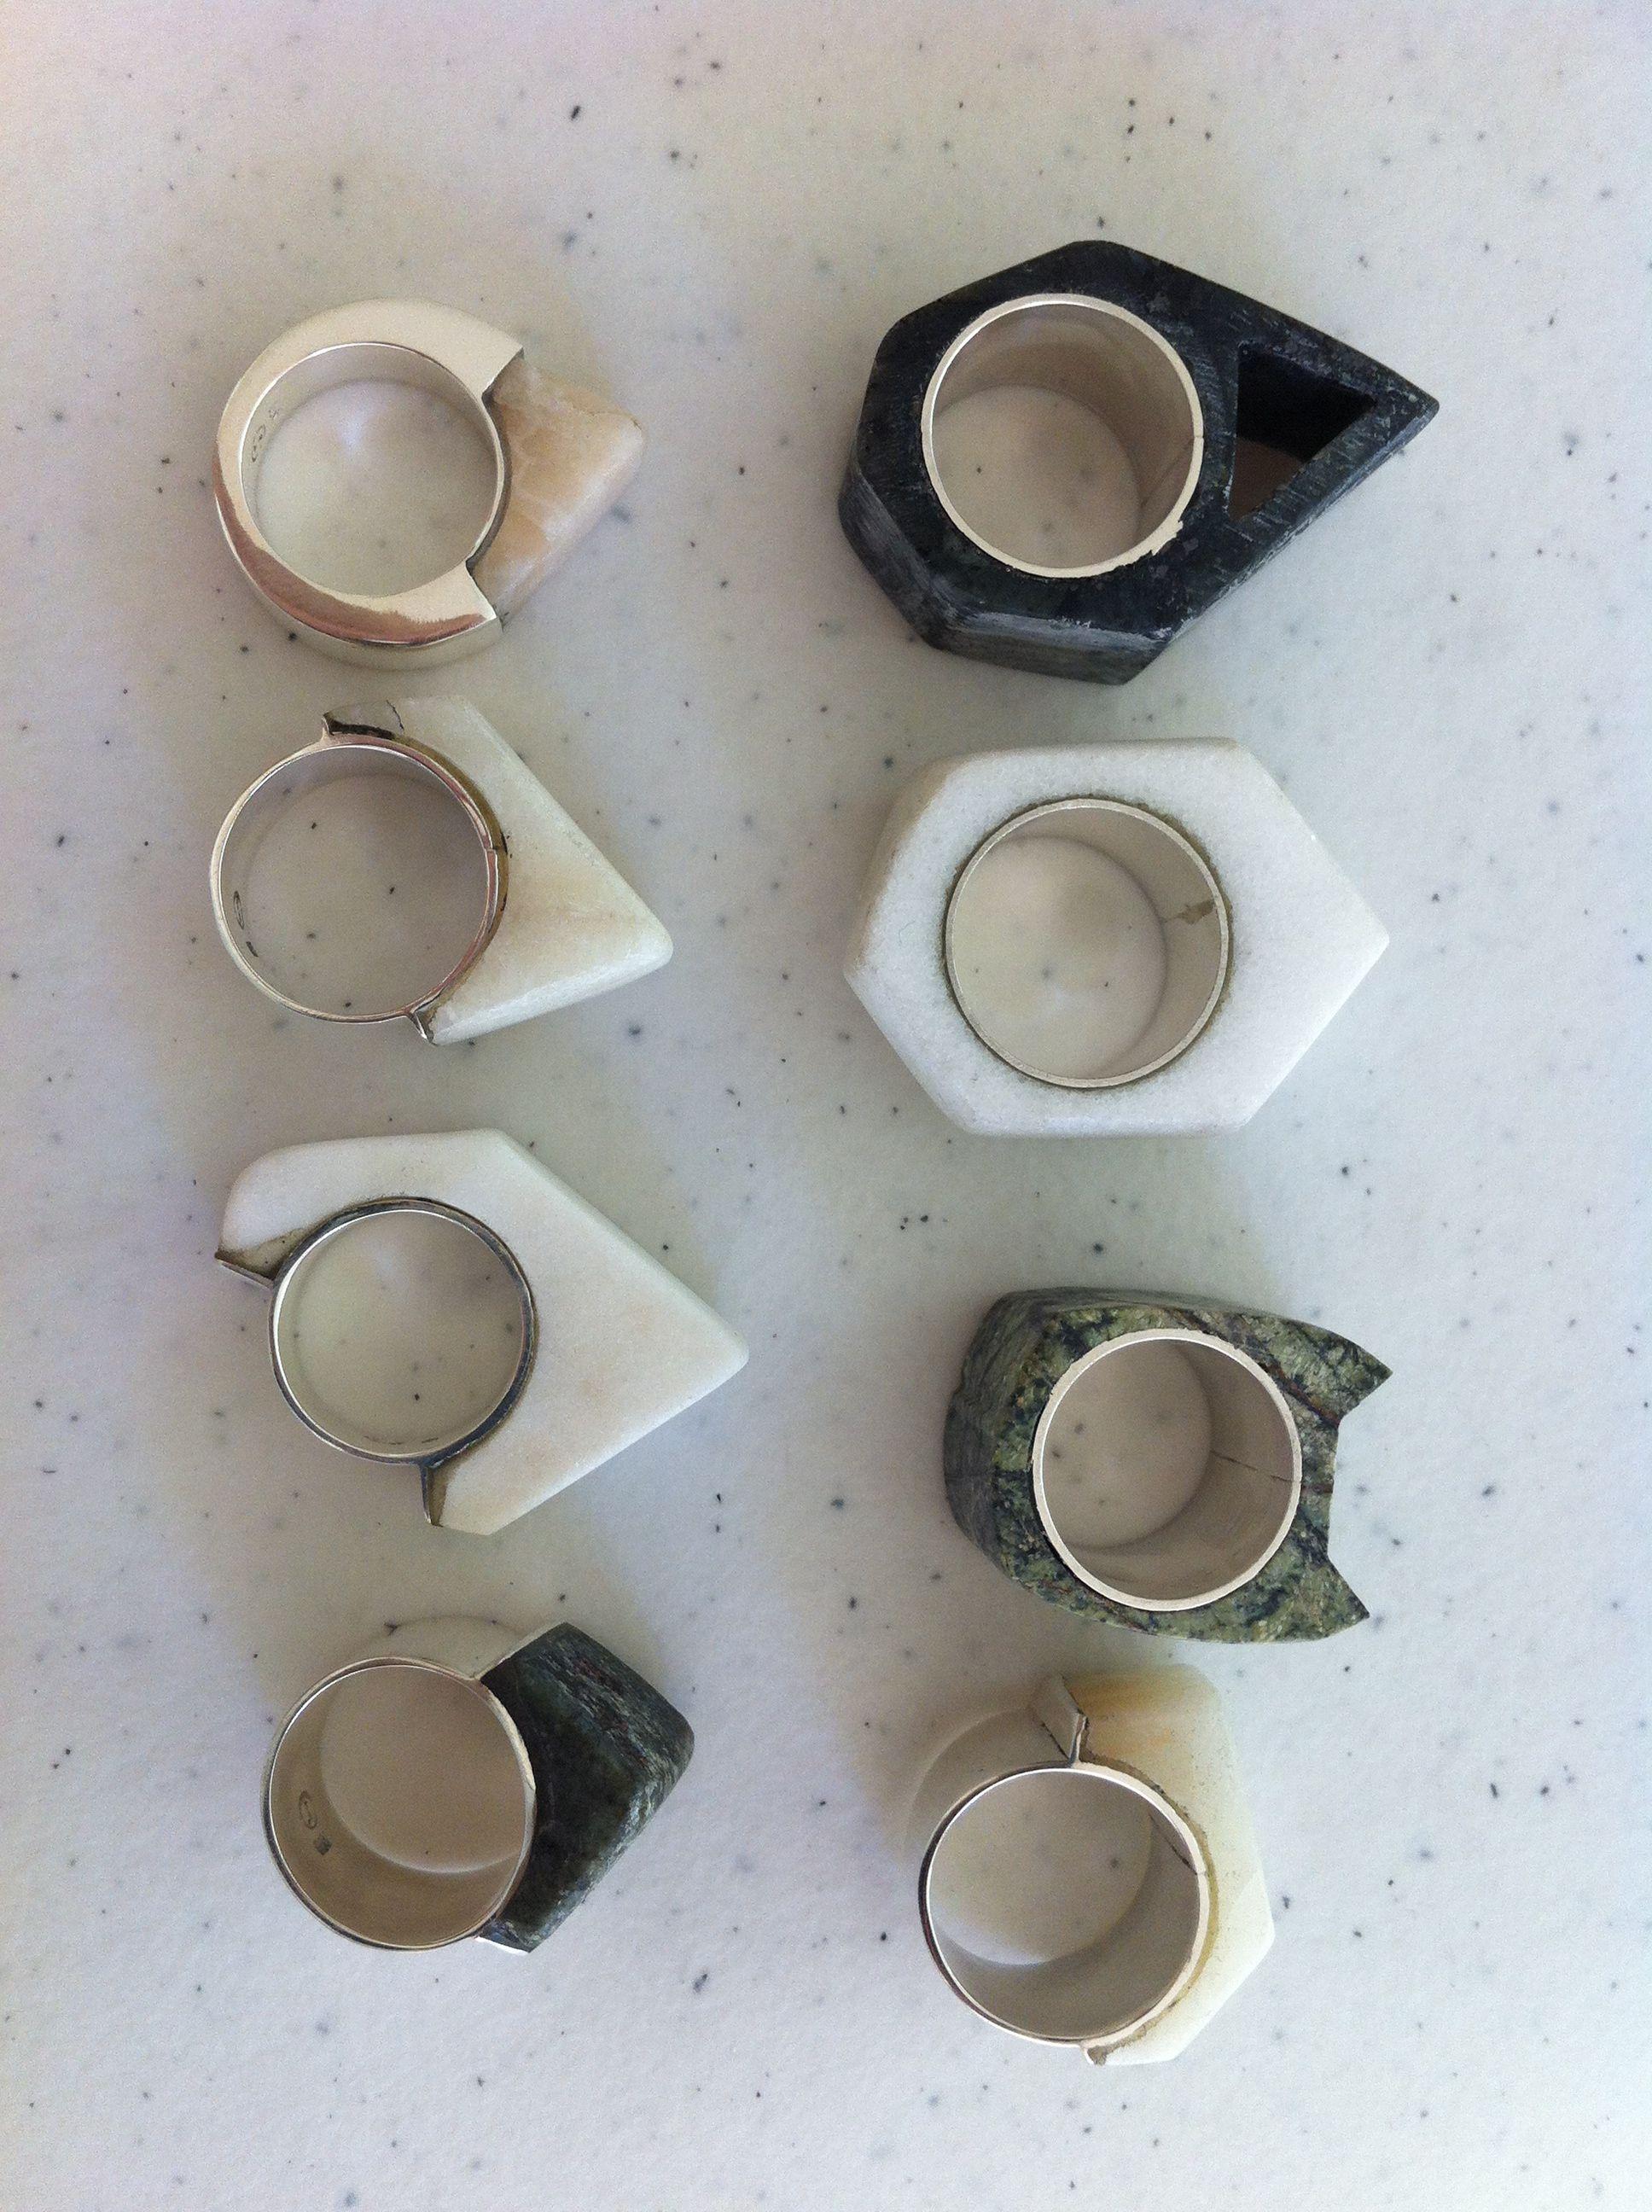 Casi lista la nueva colección -almost done with the new collection- #marblerings